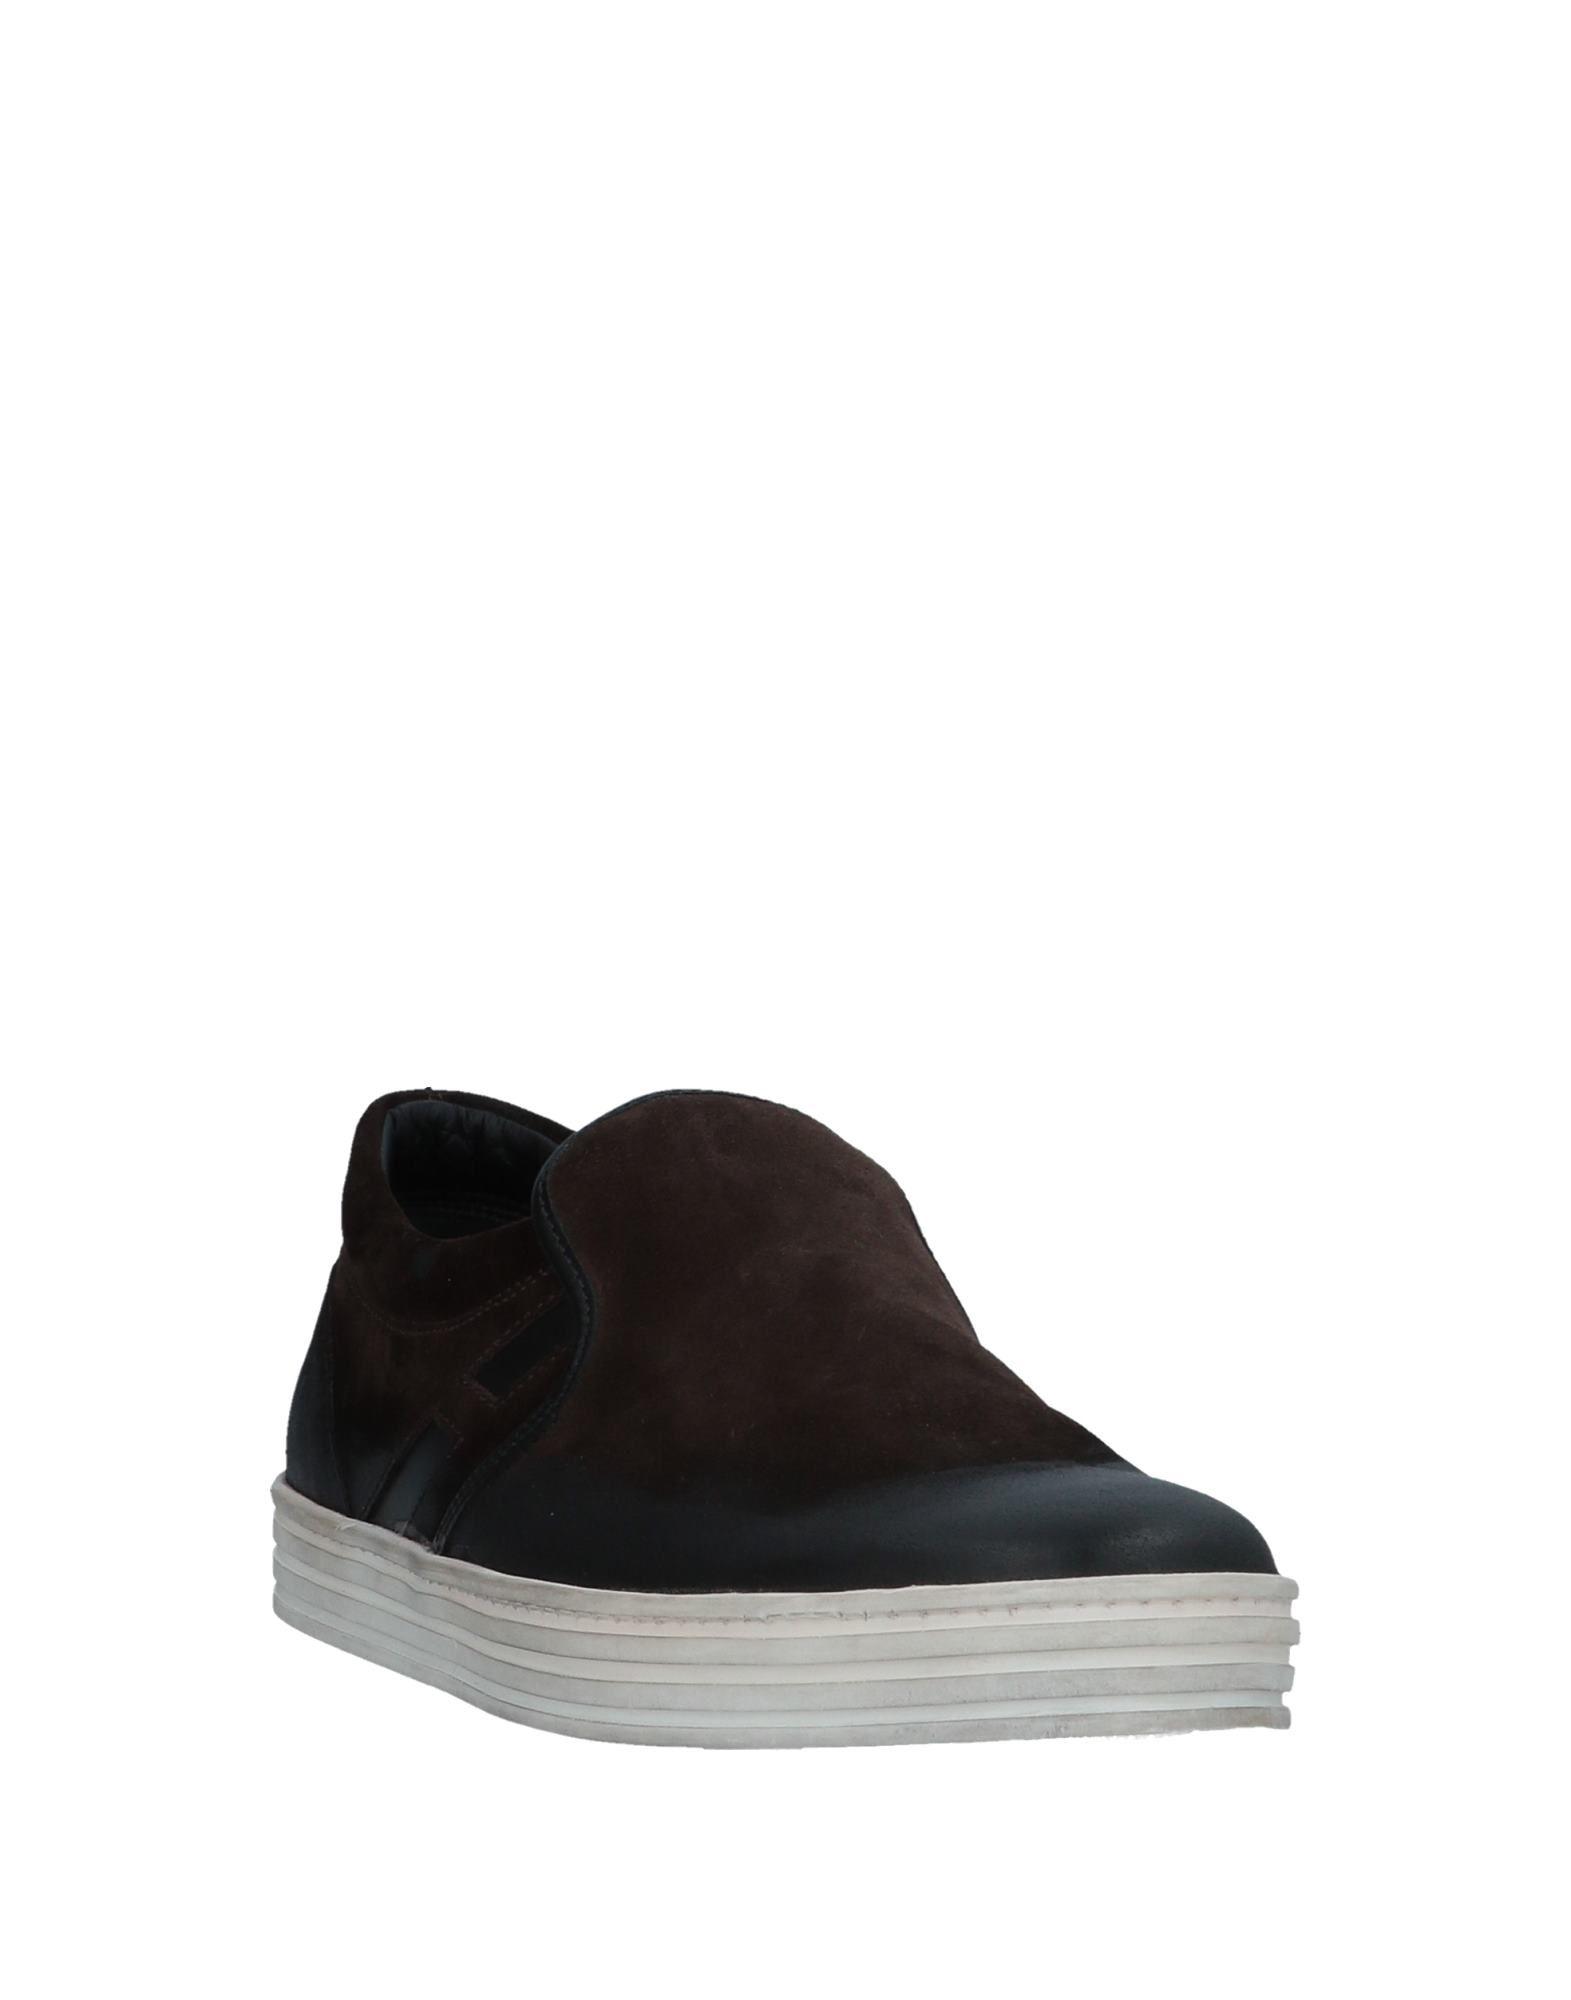 Hogan Rebel Sneakers Herren beliebte  11539414WL Gute Qualität beliebte Herren Schuhe 0e19ee